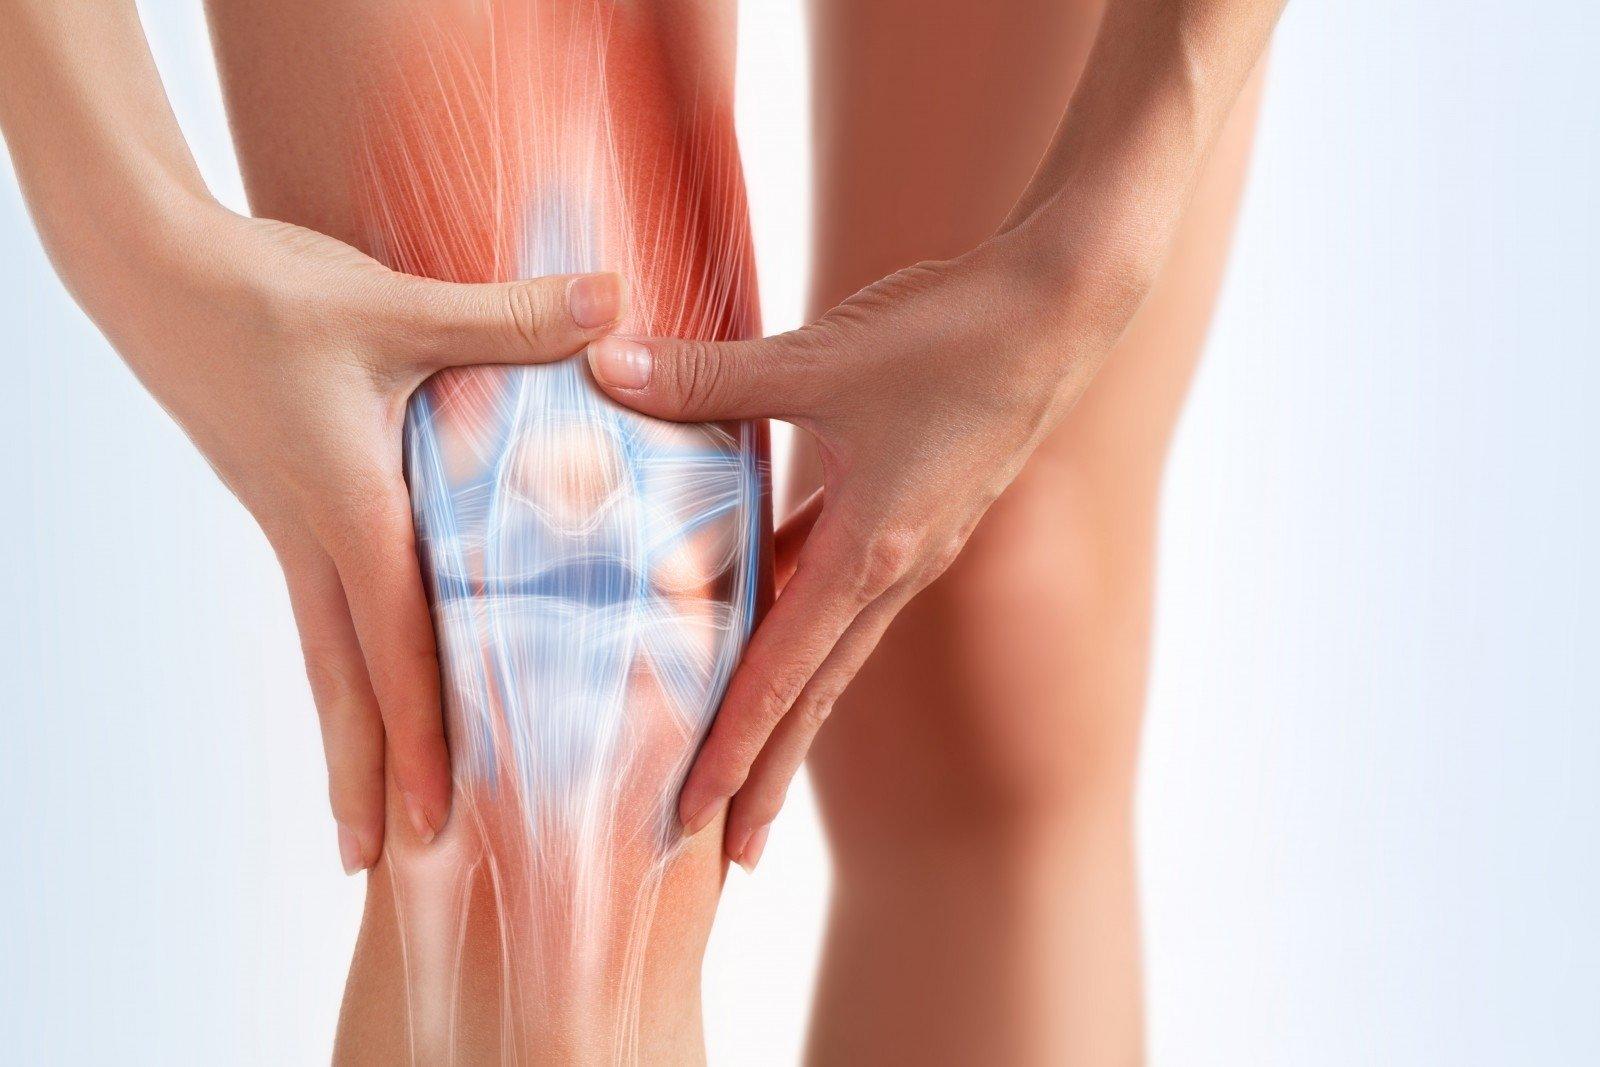 palaiko skauda po darbo ant maišo nesubrendusios sąnarių gydymas